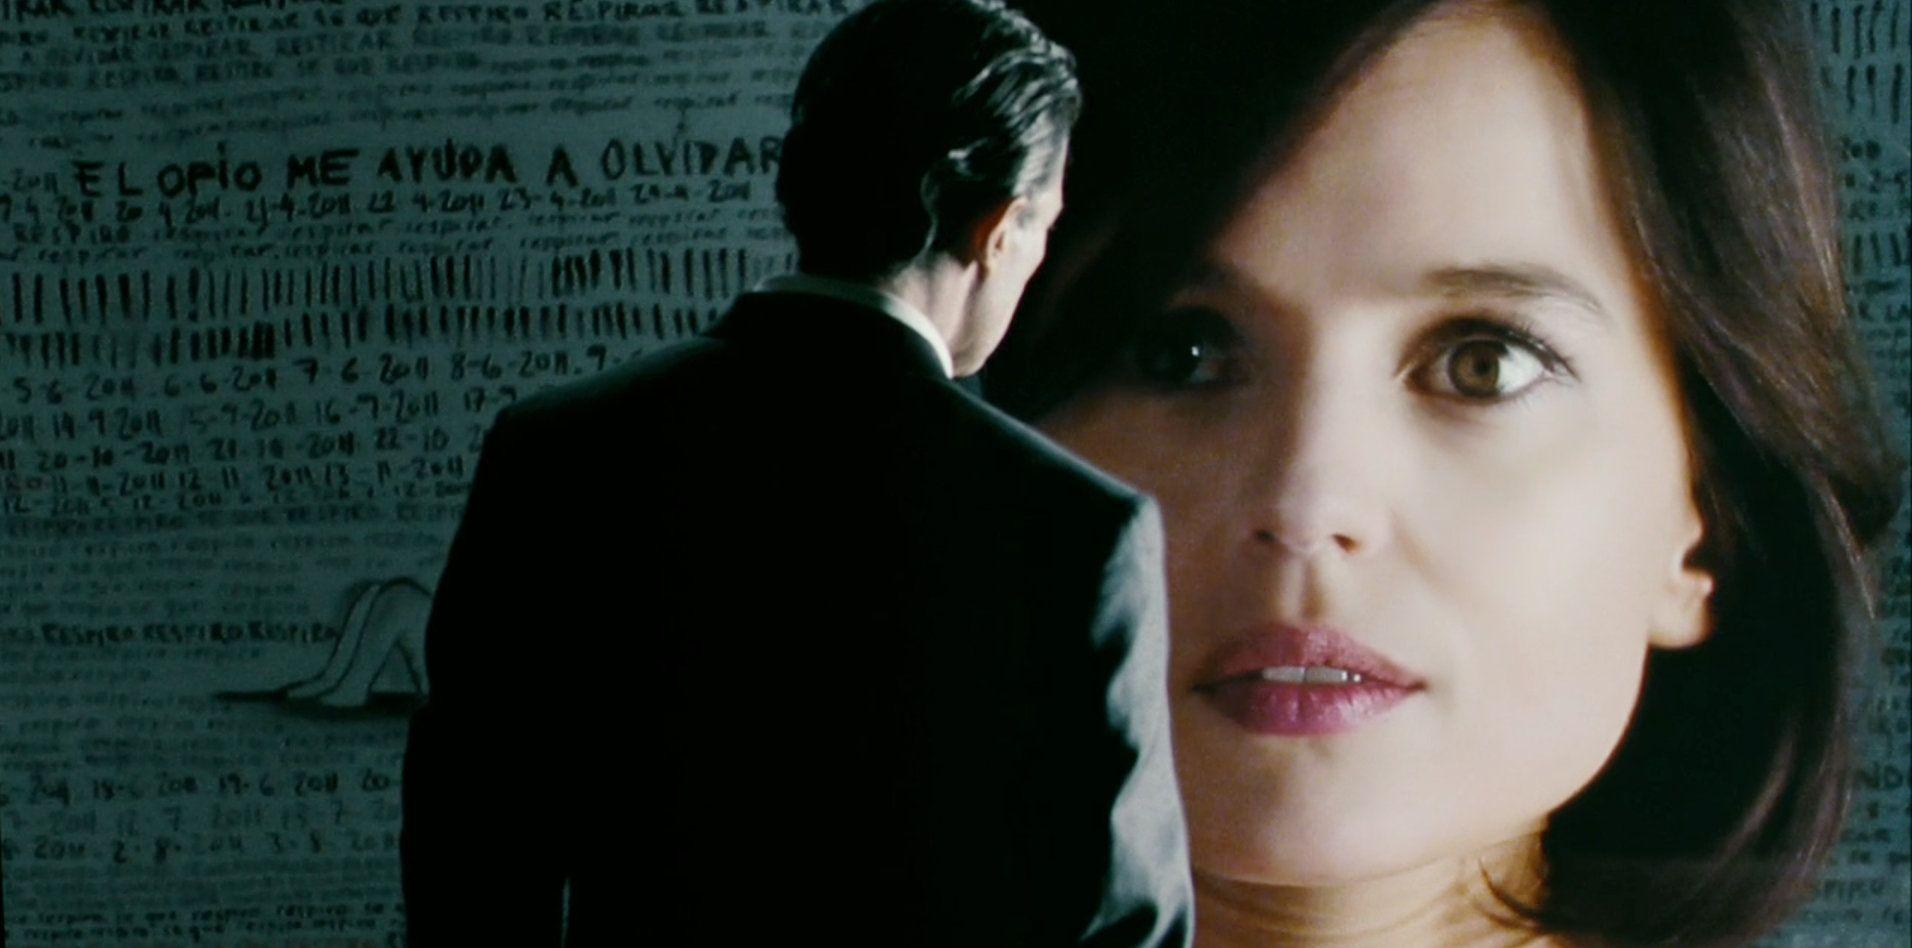 Review 'The Skin I Live In' Almodovar films, Elena